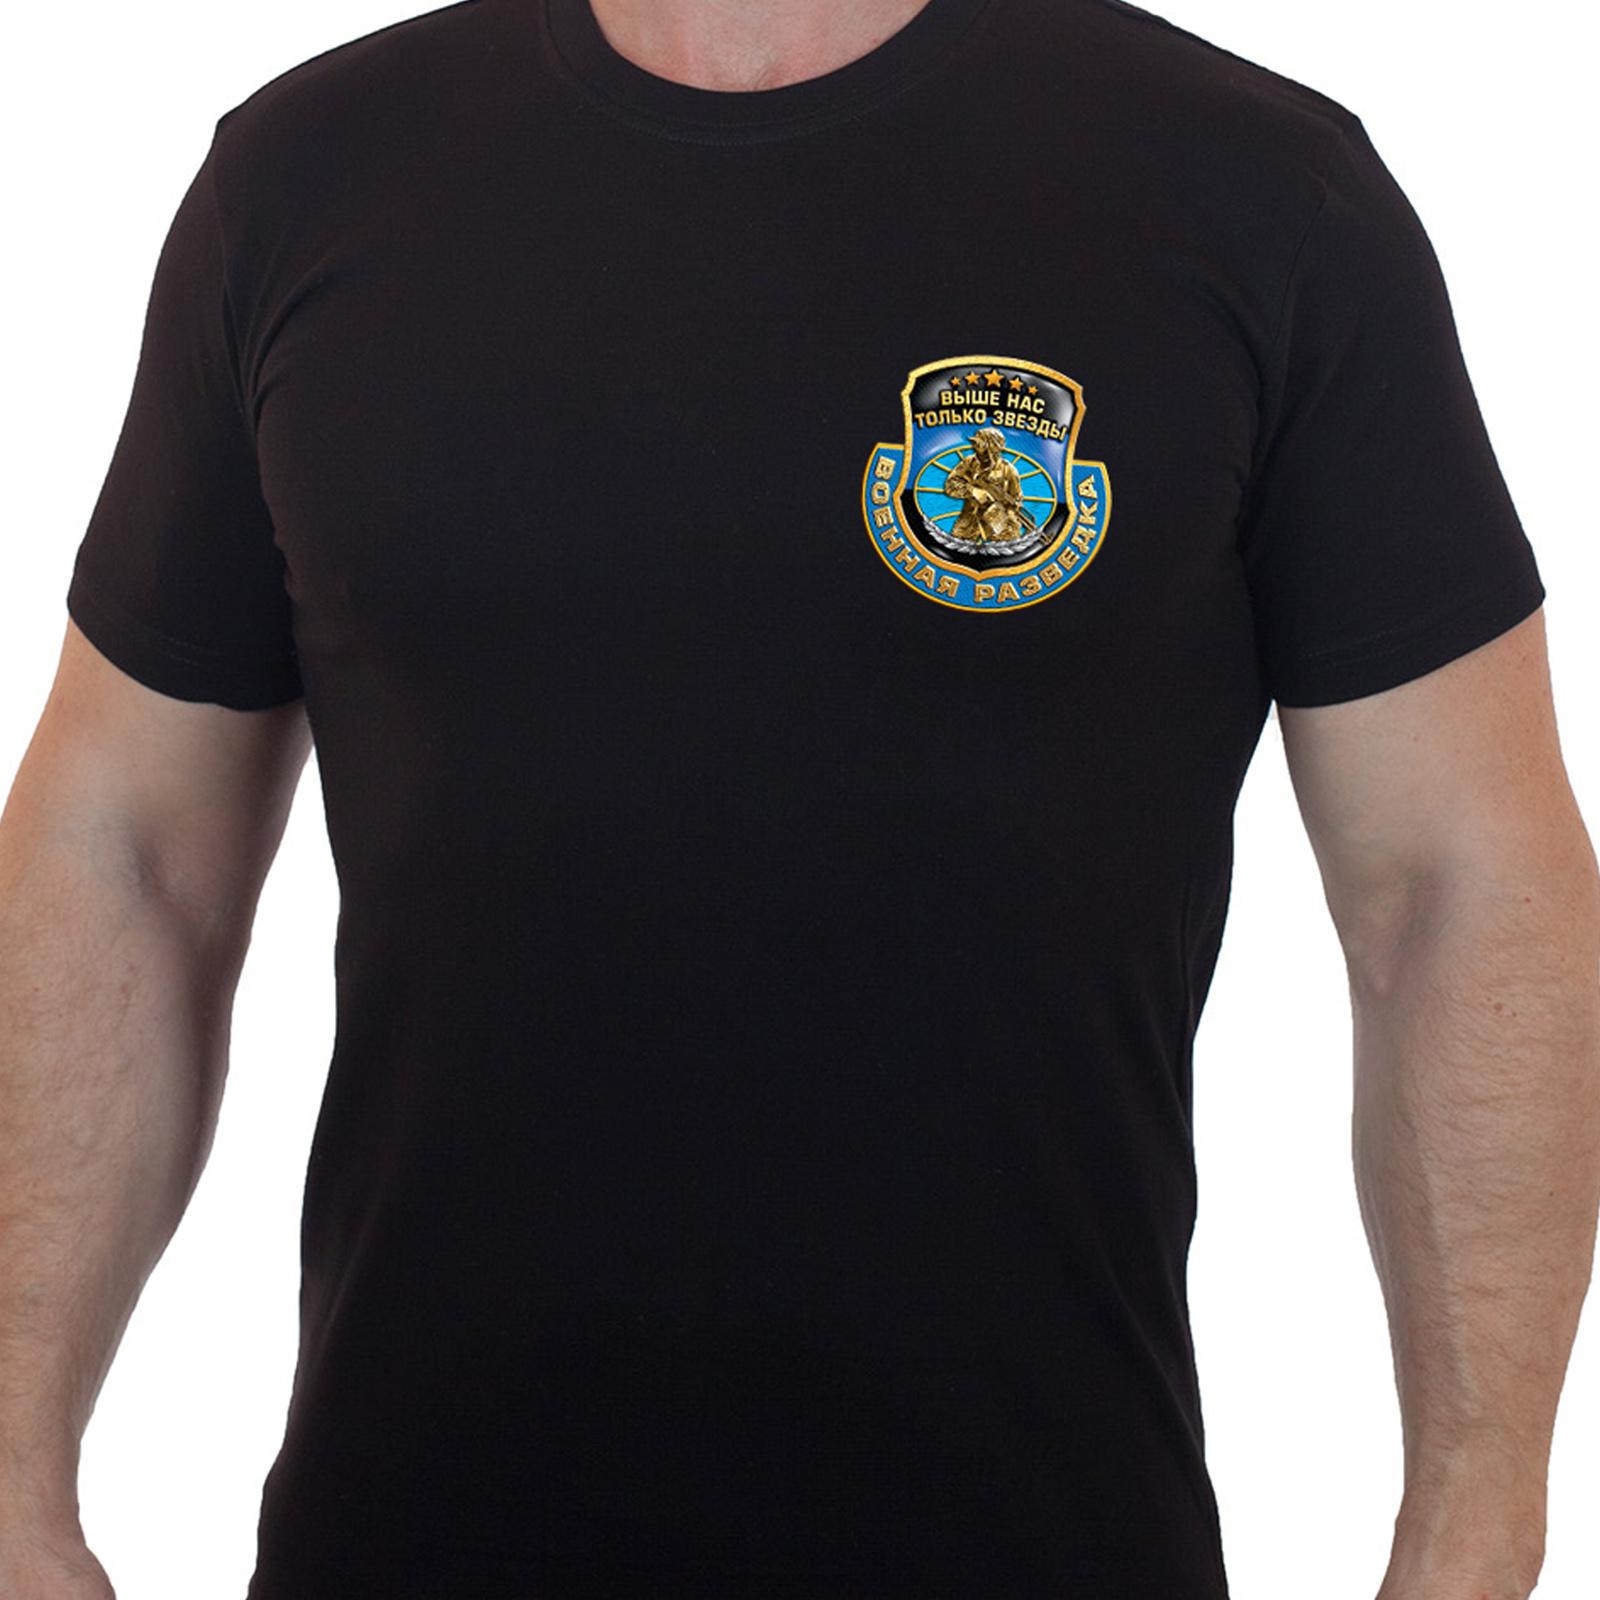 К 100 летнему юбилею футболка для разведчика.